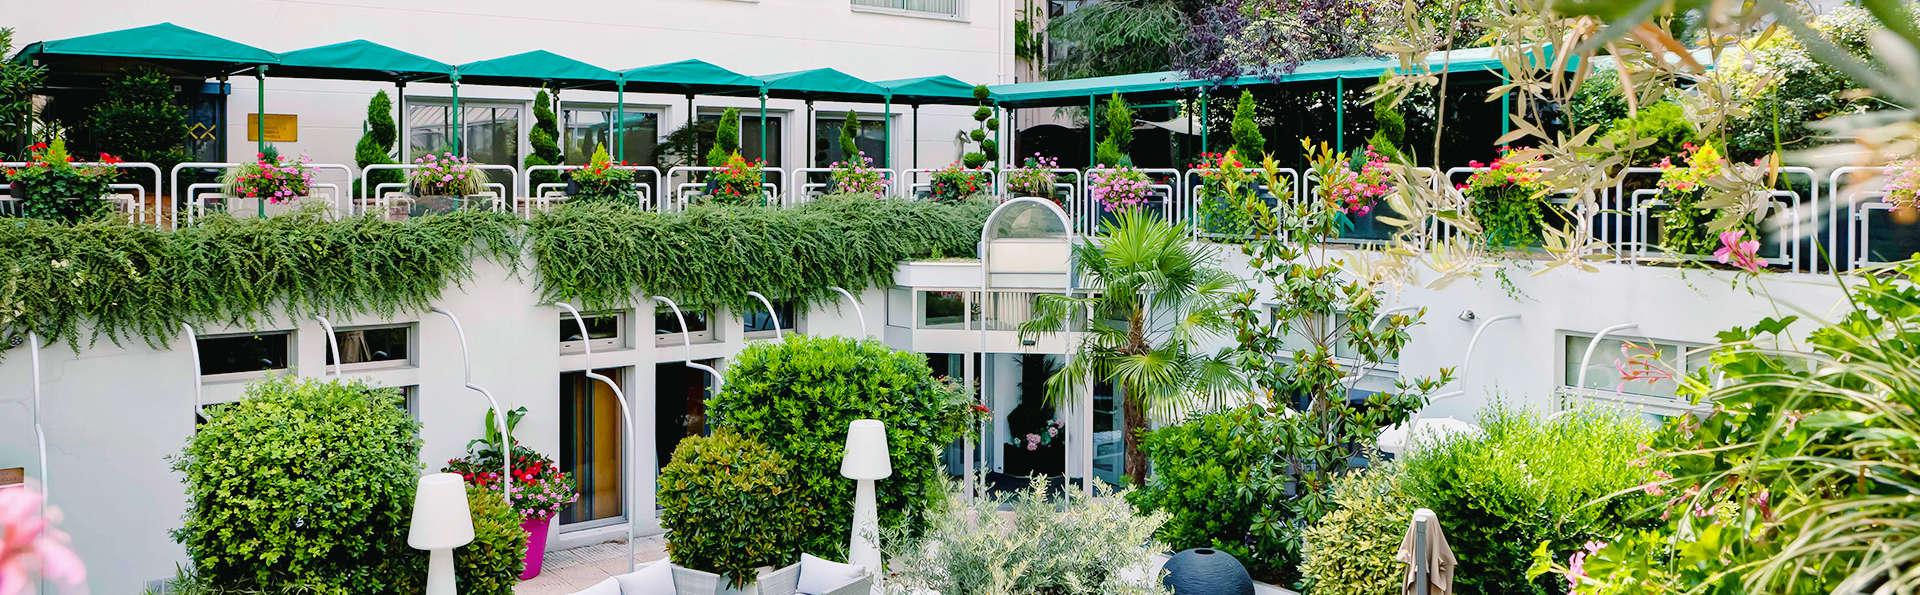 Hôtel Charlemagne - EDIT_Terraza_5.jpg